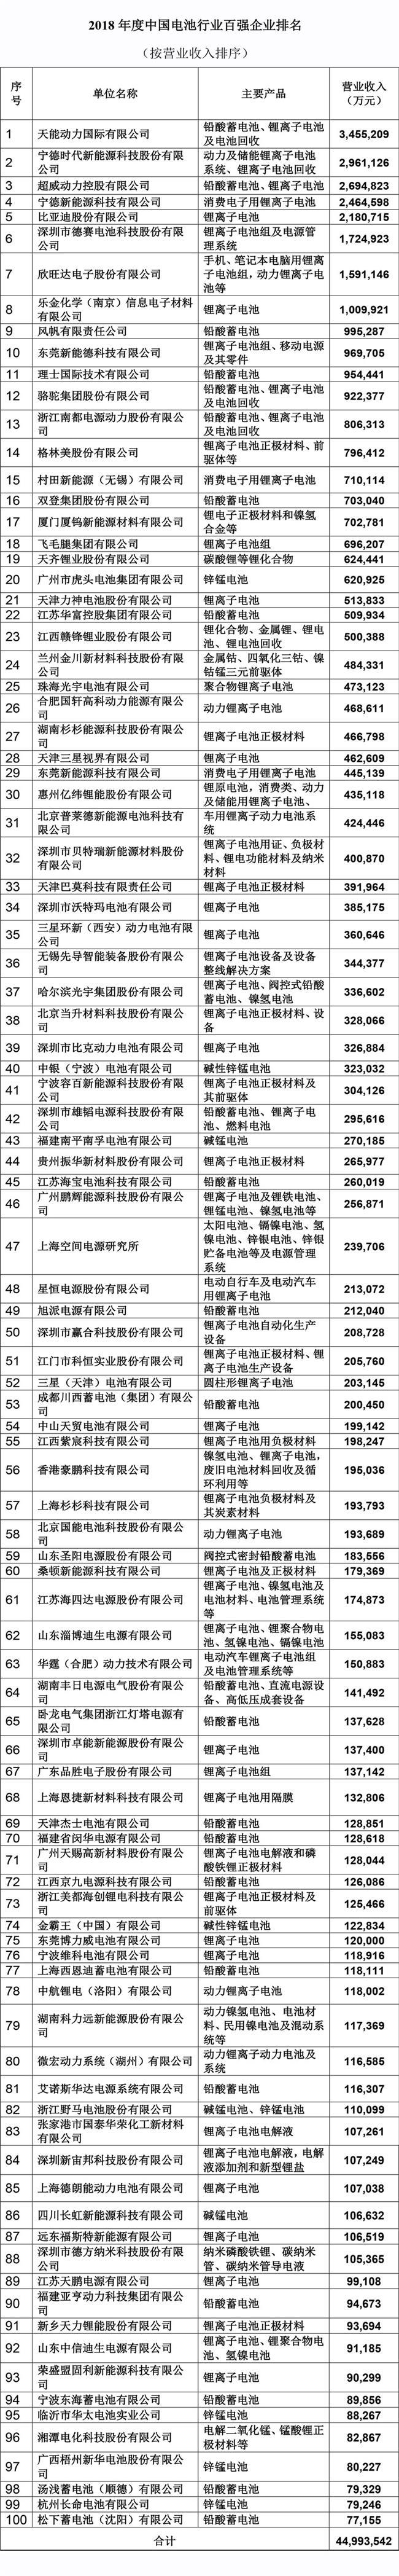 2018年度中国电池行业百强企业名单